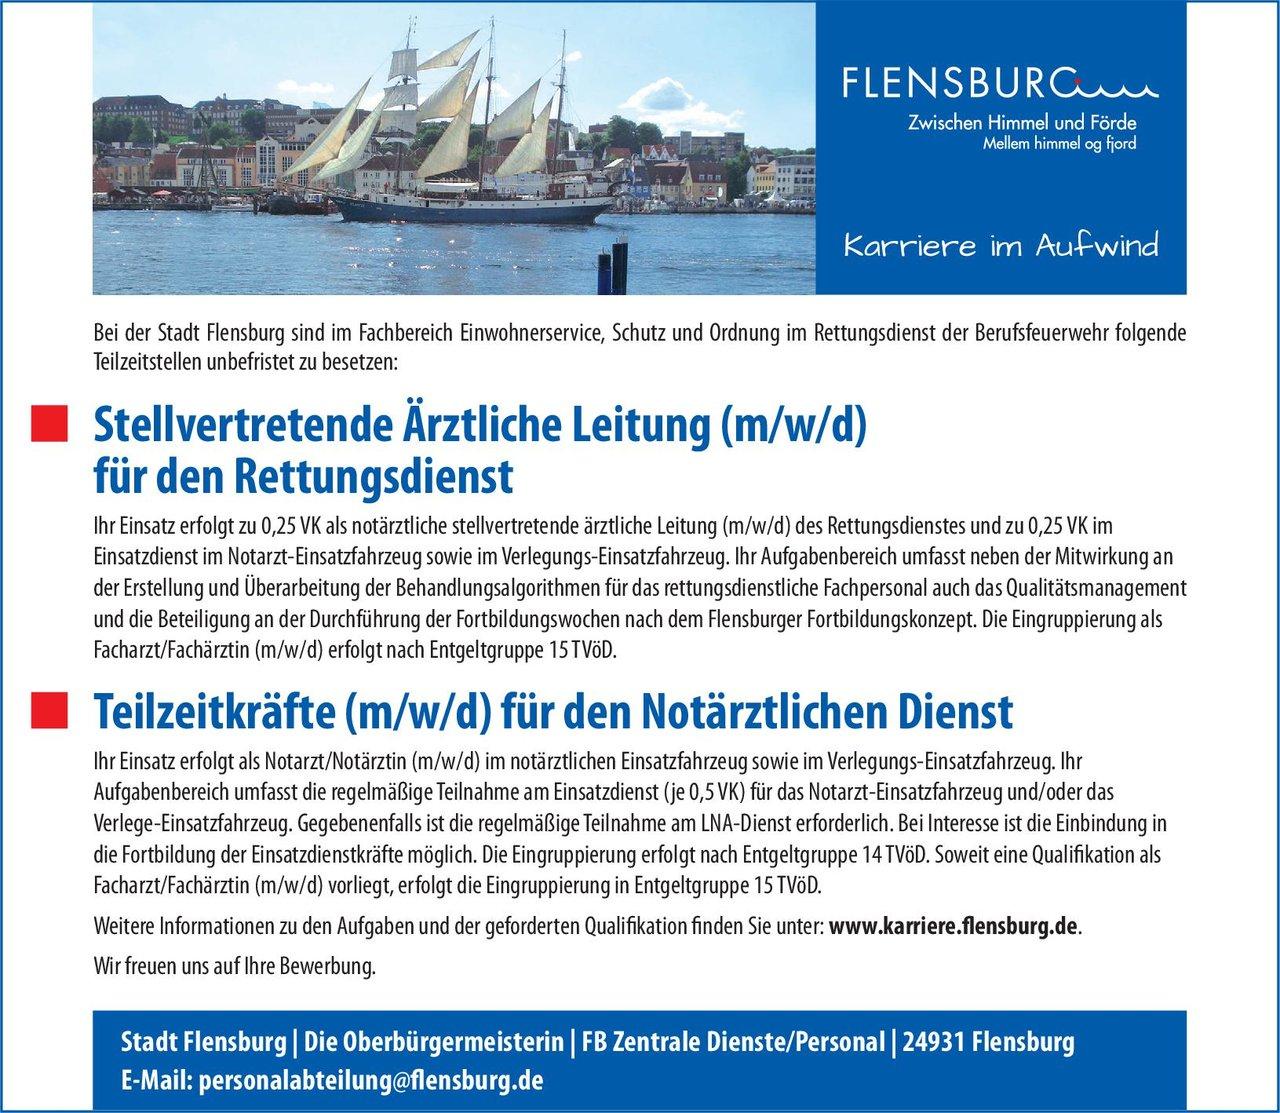 Stadt Flensburg Stellvertretende Ärztliche Leitung (m/w/d) für den Rettungsdienst Notfallmedizin Arzt / Facharzt, Ärztl. Leiter